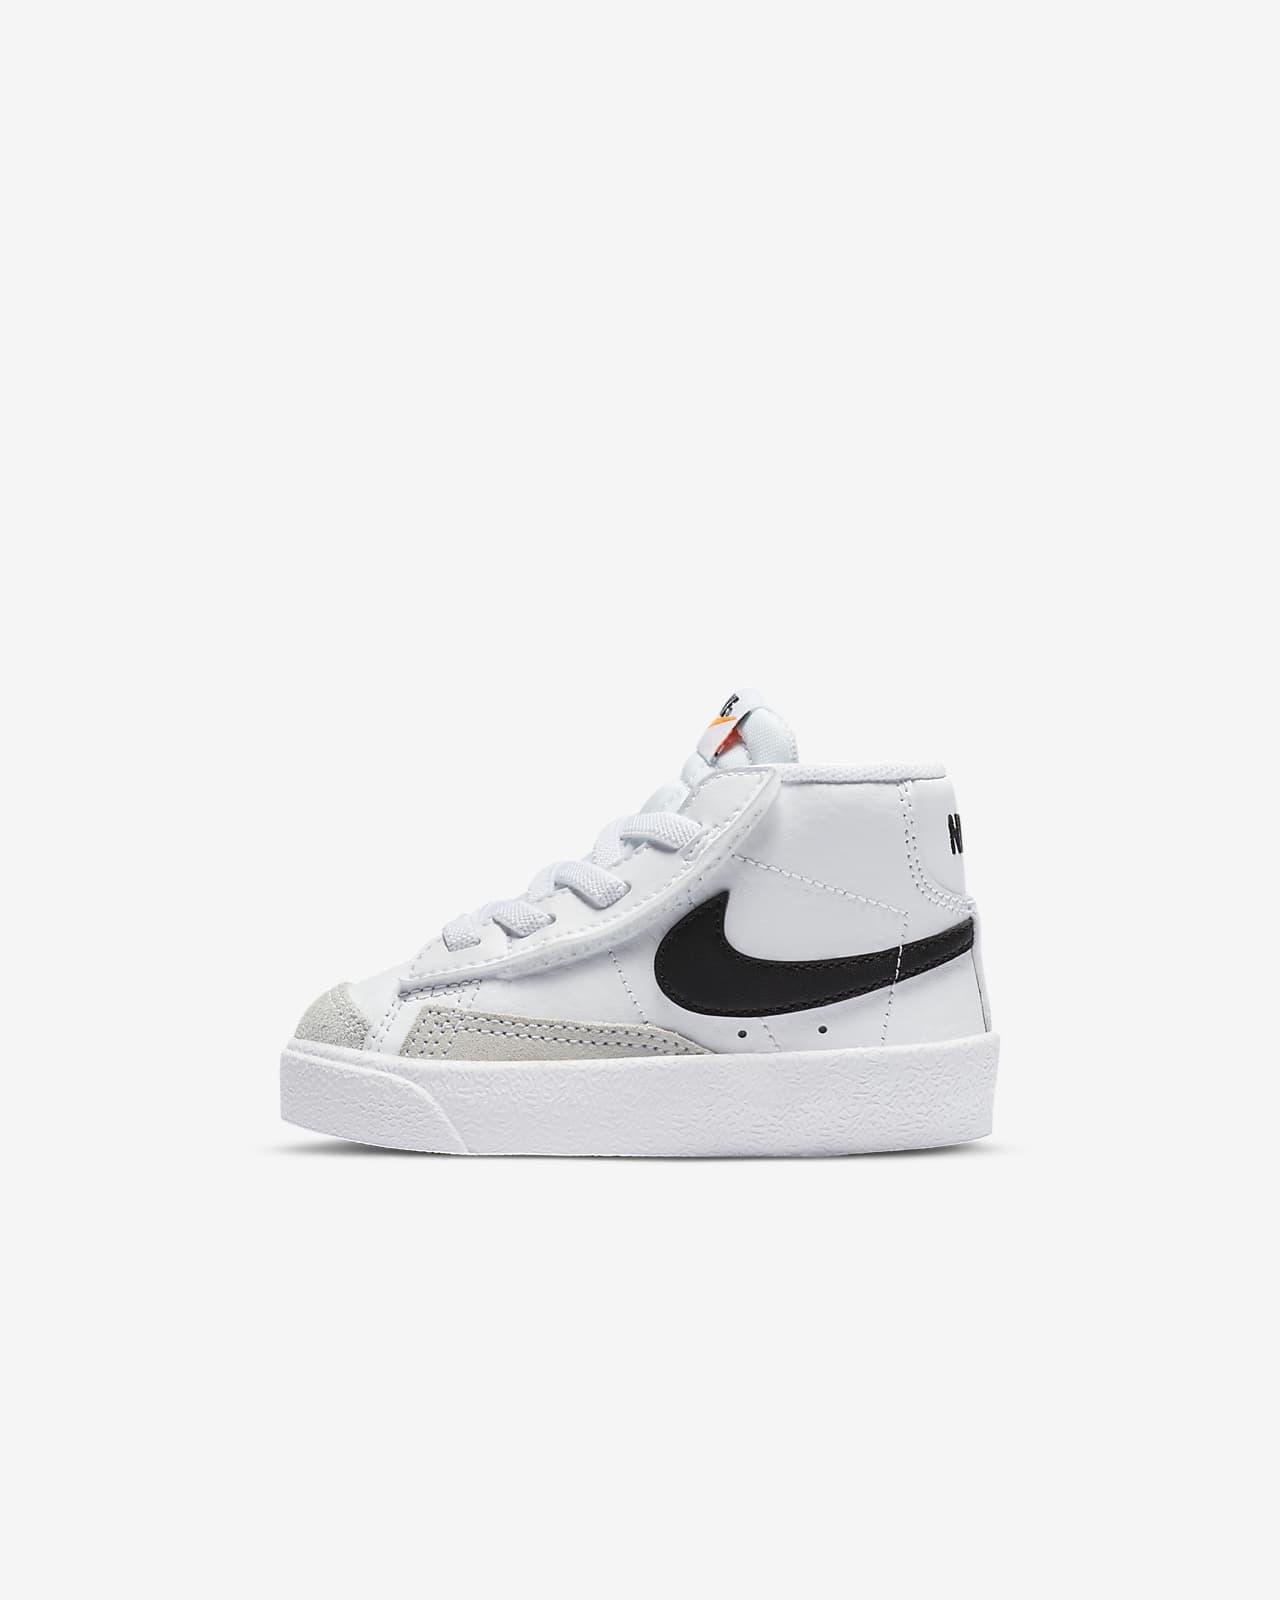 Nike Blazer Mid '77 Baby/Toddler Shoe